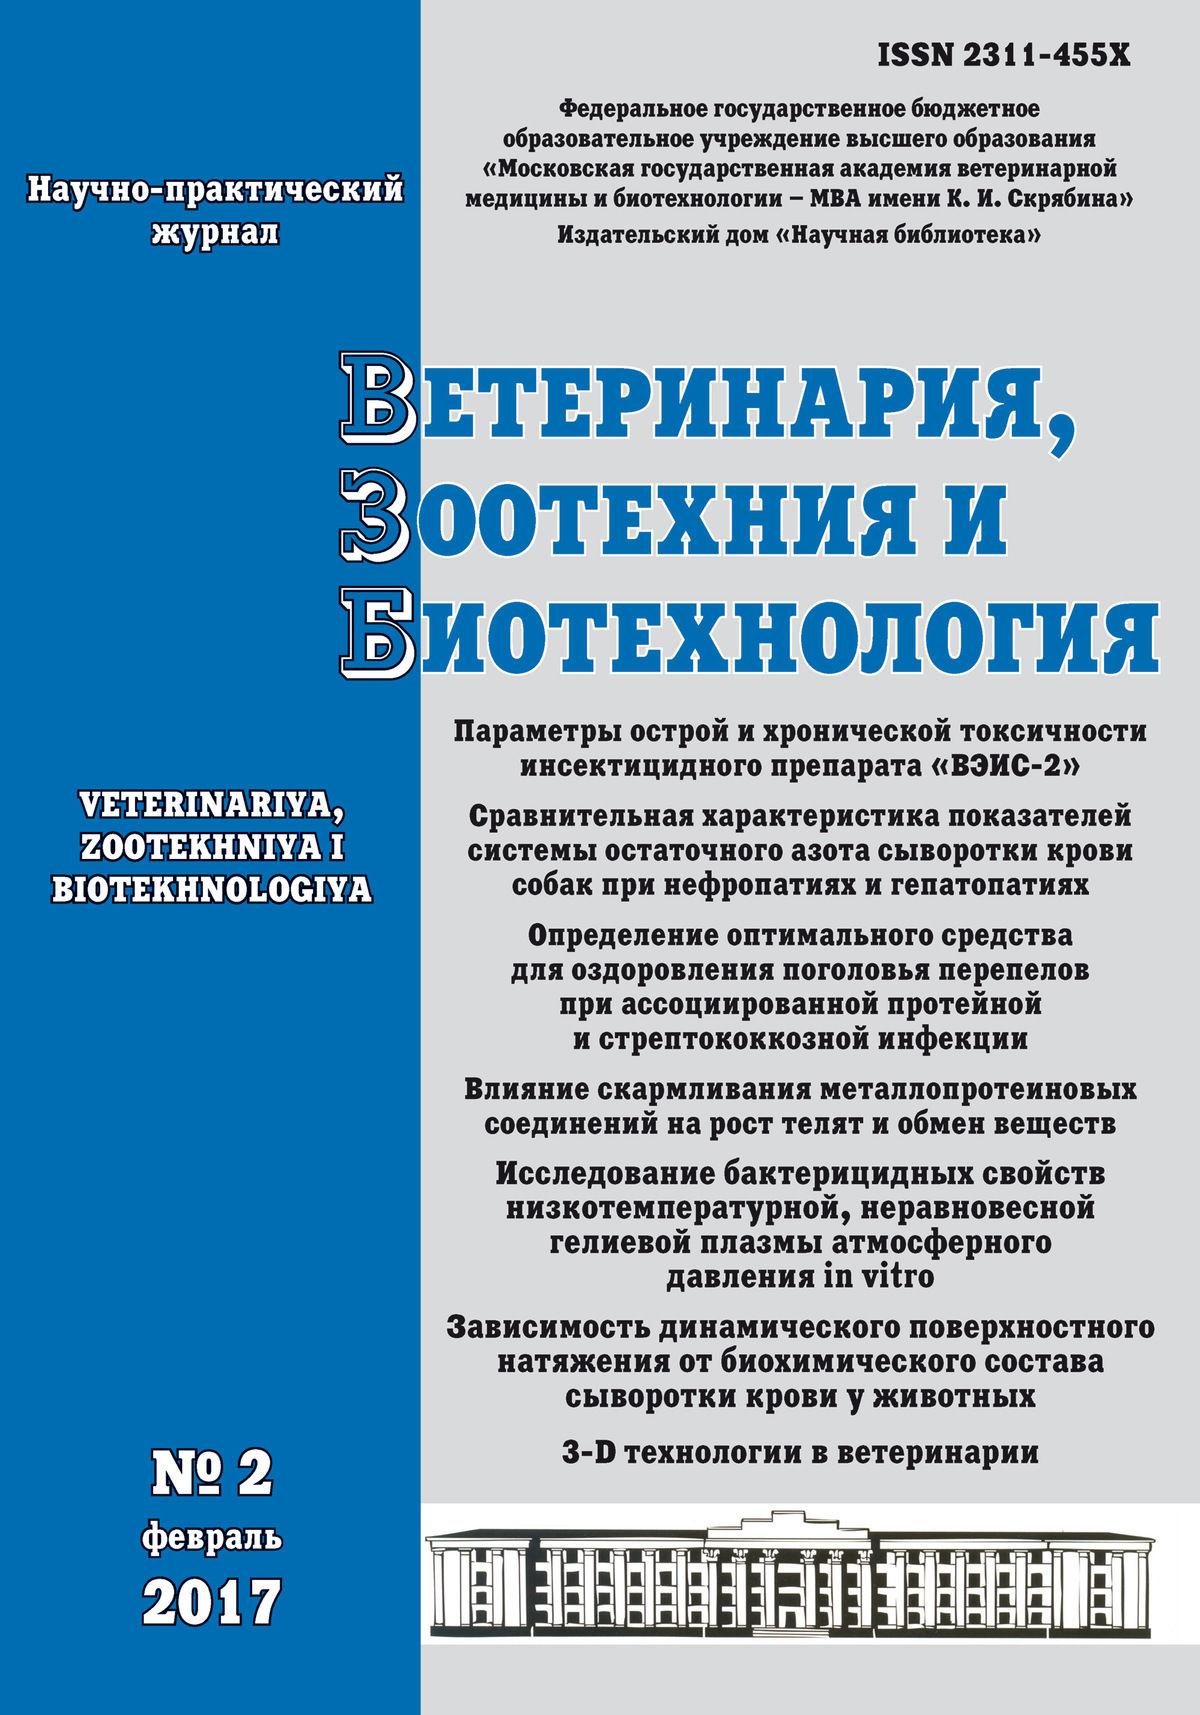 Ветеринария, зоотехния и биотехнология №2 2017 - фото